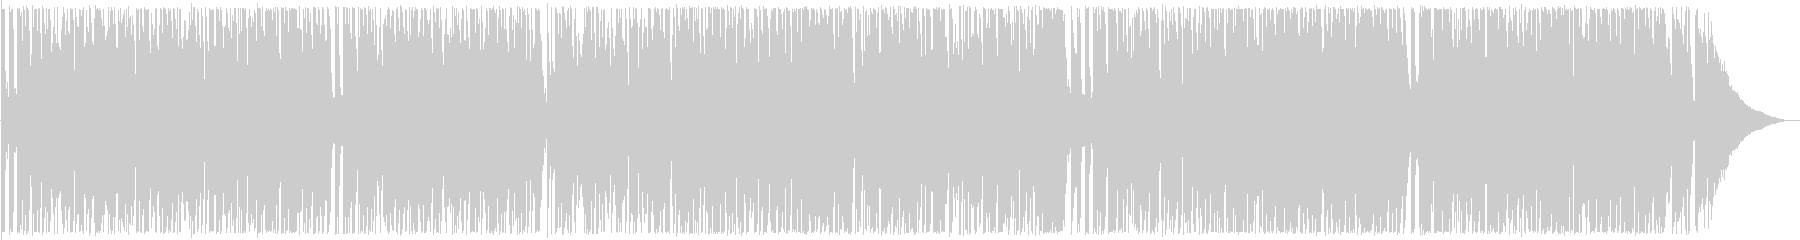 軽やかなギターサウンドの未再生の波形